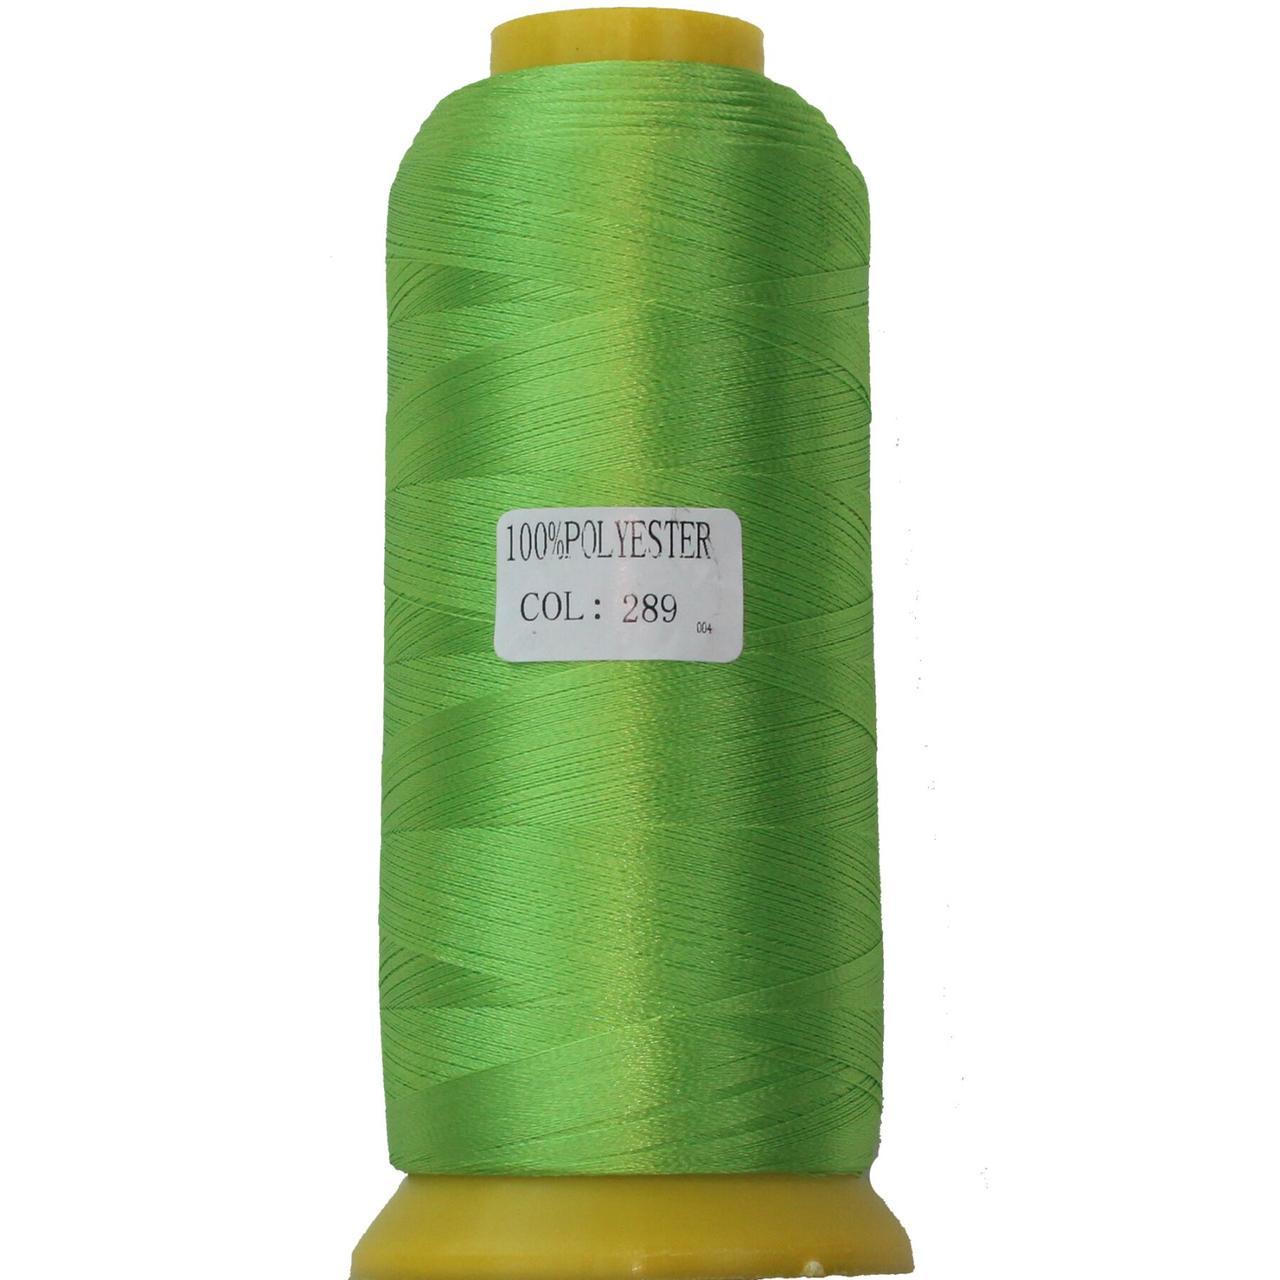 Нить полиэстер 40, 120D/2, цвет 289, Козачок-ТМ